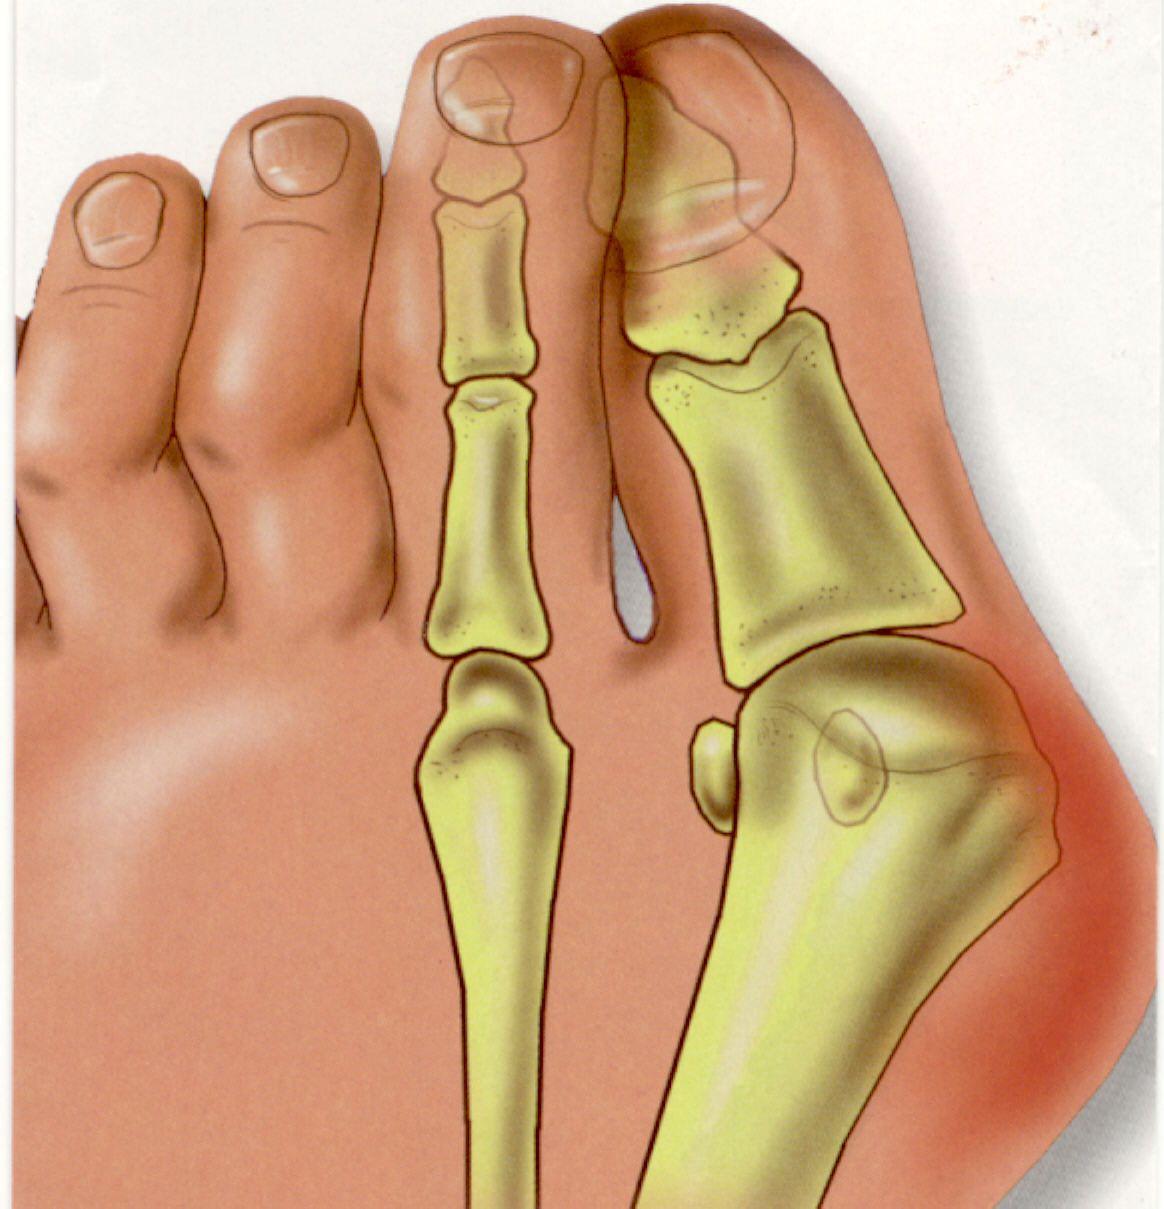 Как убрать косточку на ноге большого пальца в домашних условиях отзывы